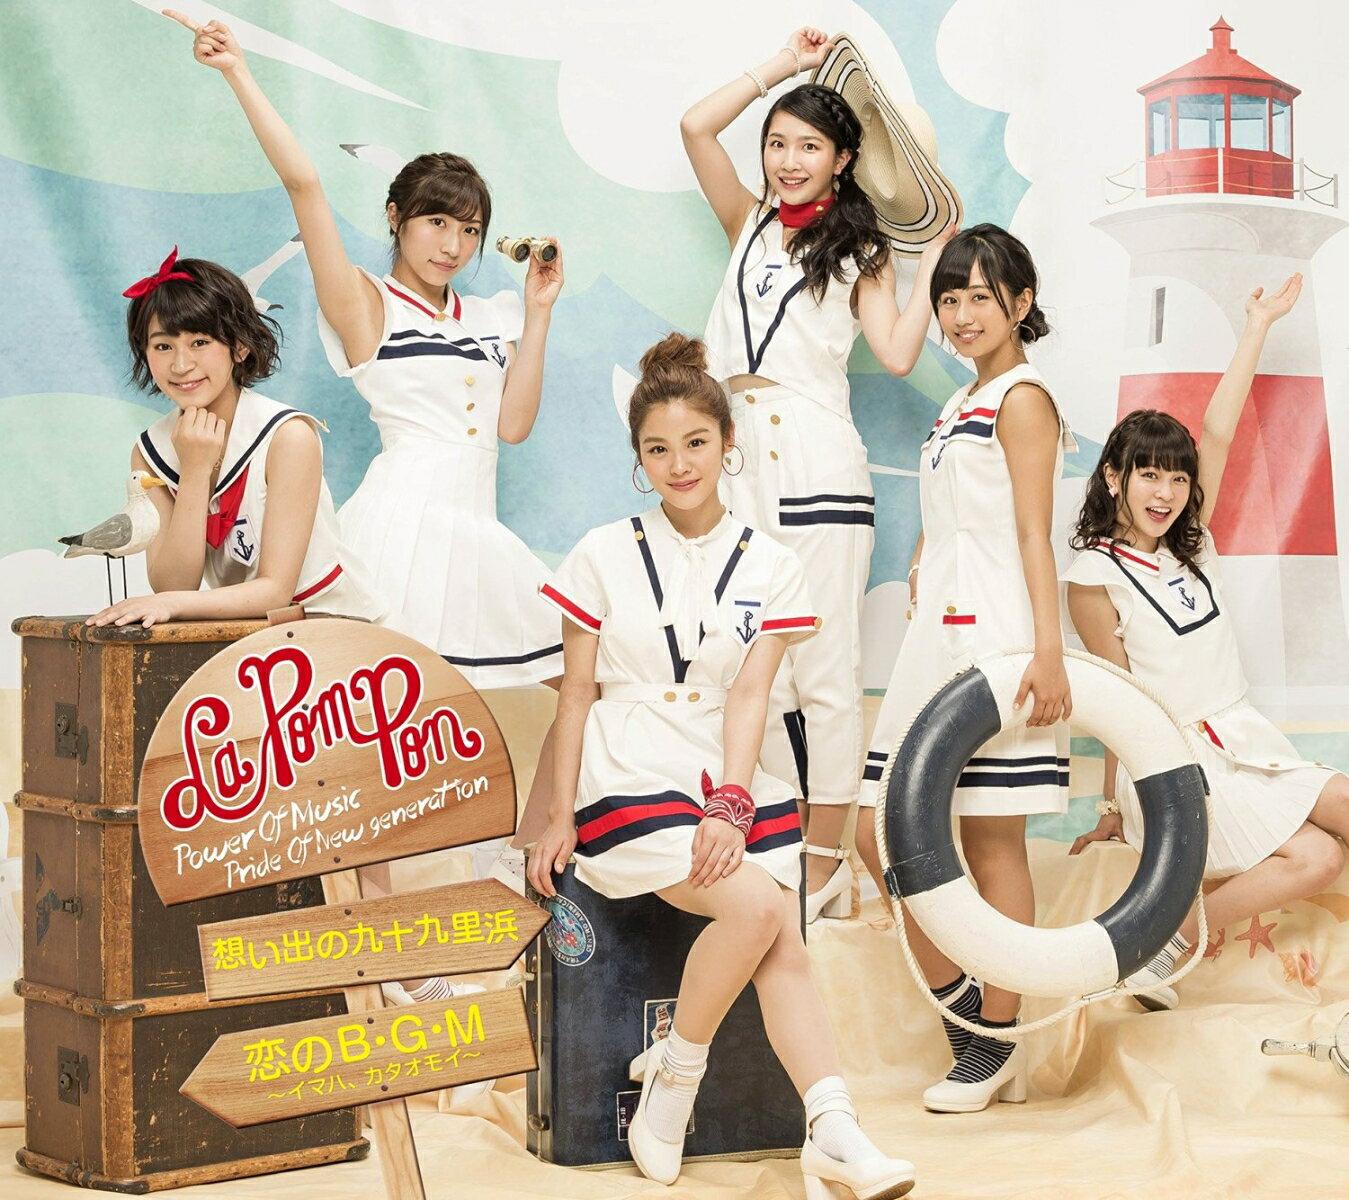 想い出の九十九里浜/恋のB・G・M〜イマハ、カタオモイ〜 (初回限定盤A CD+DVD) [ La PomPon ]